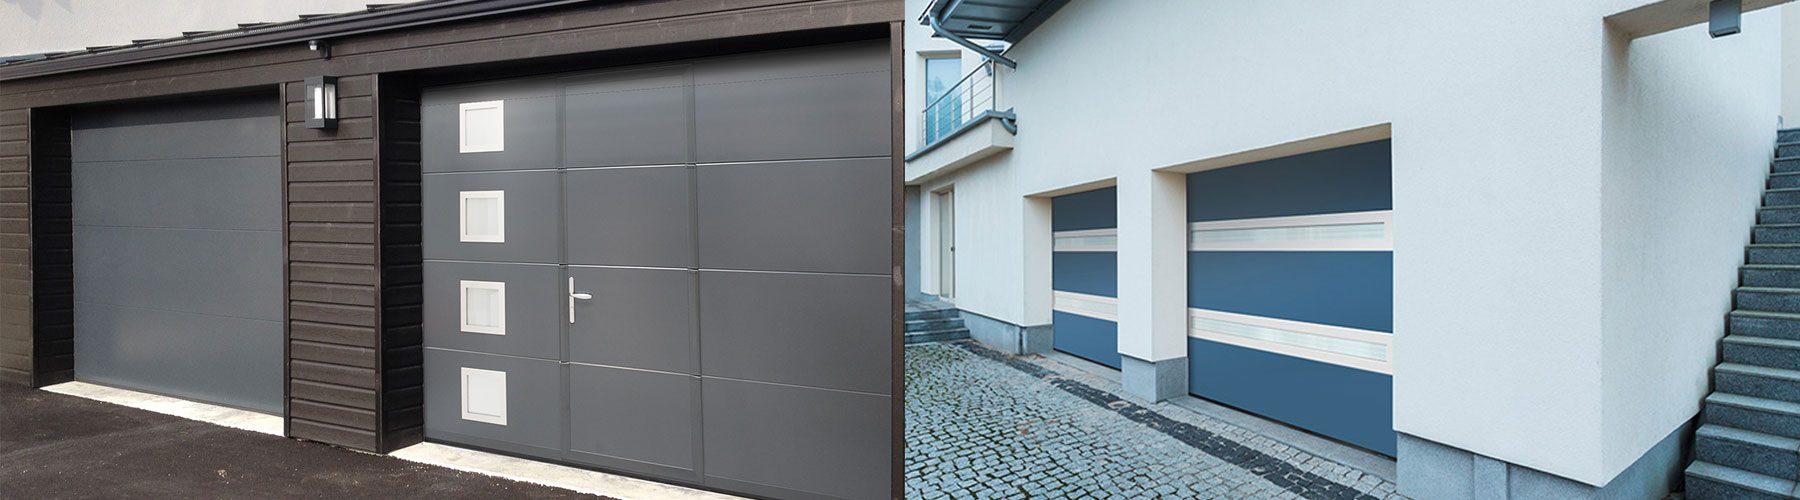 Portes de garages slide